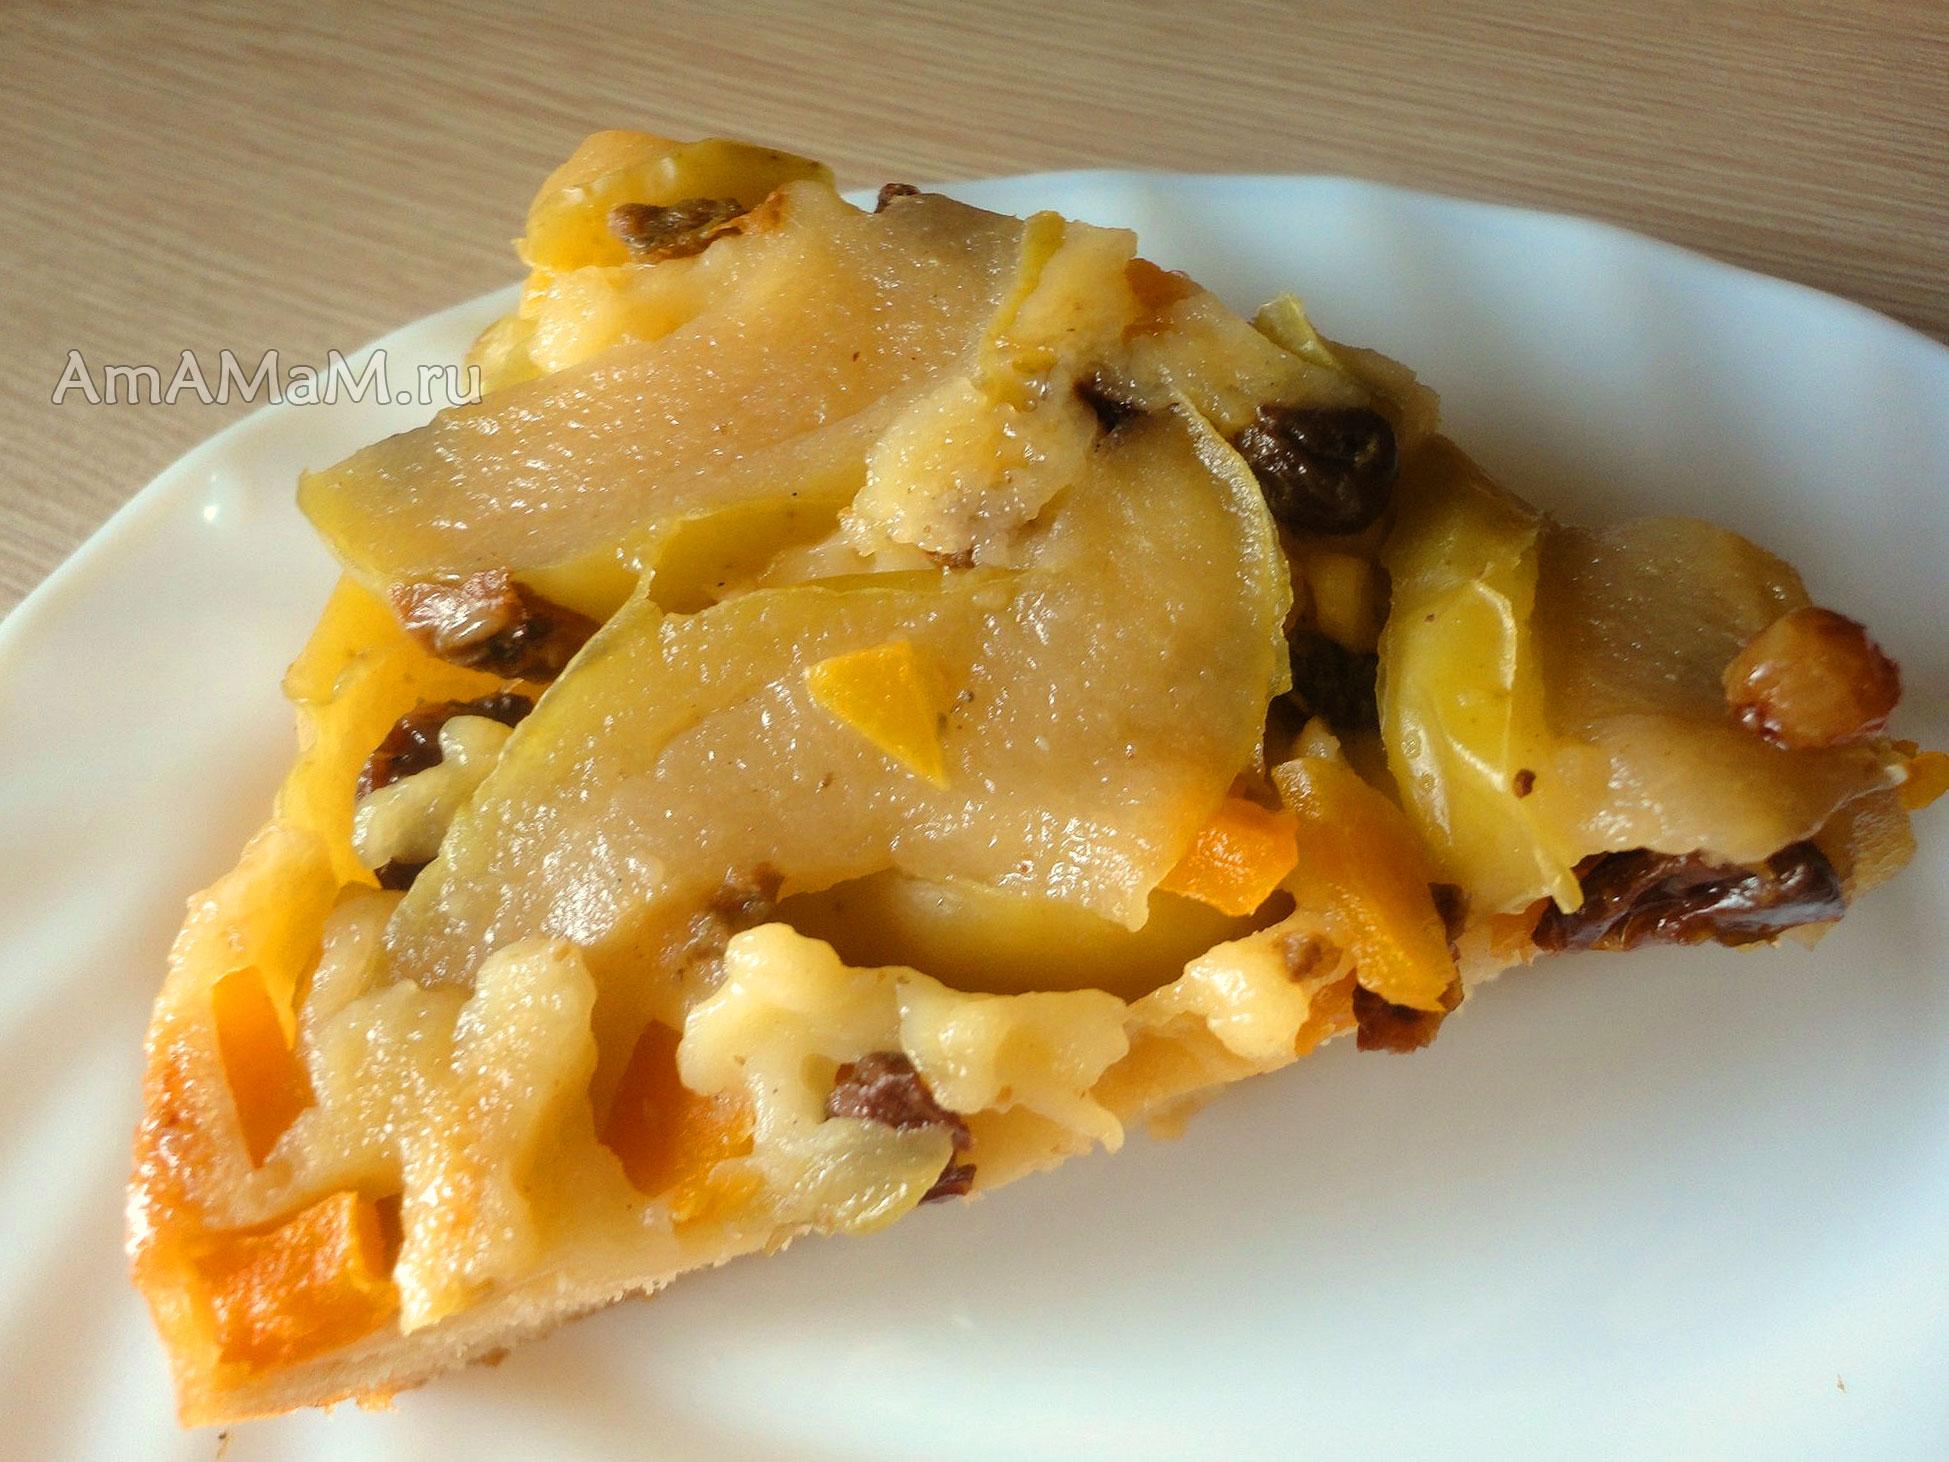 Рецепт теста пиццы с колбасой